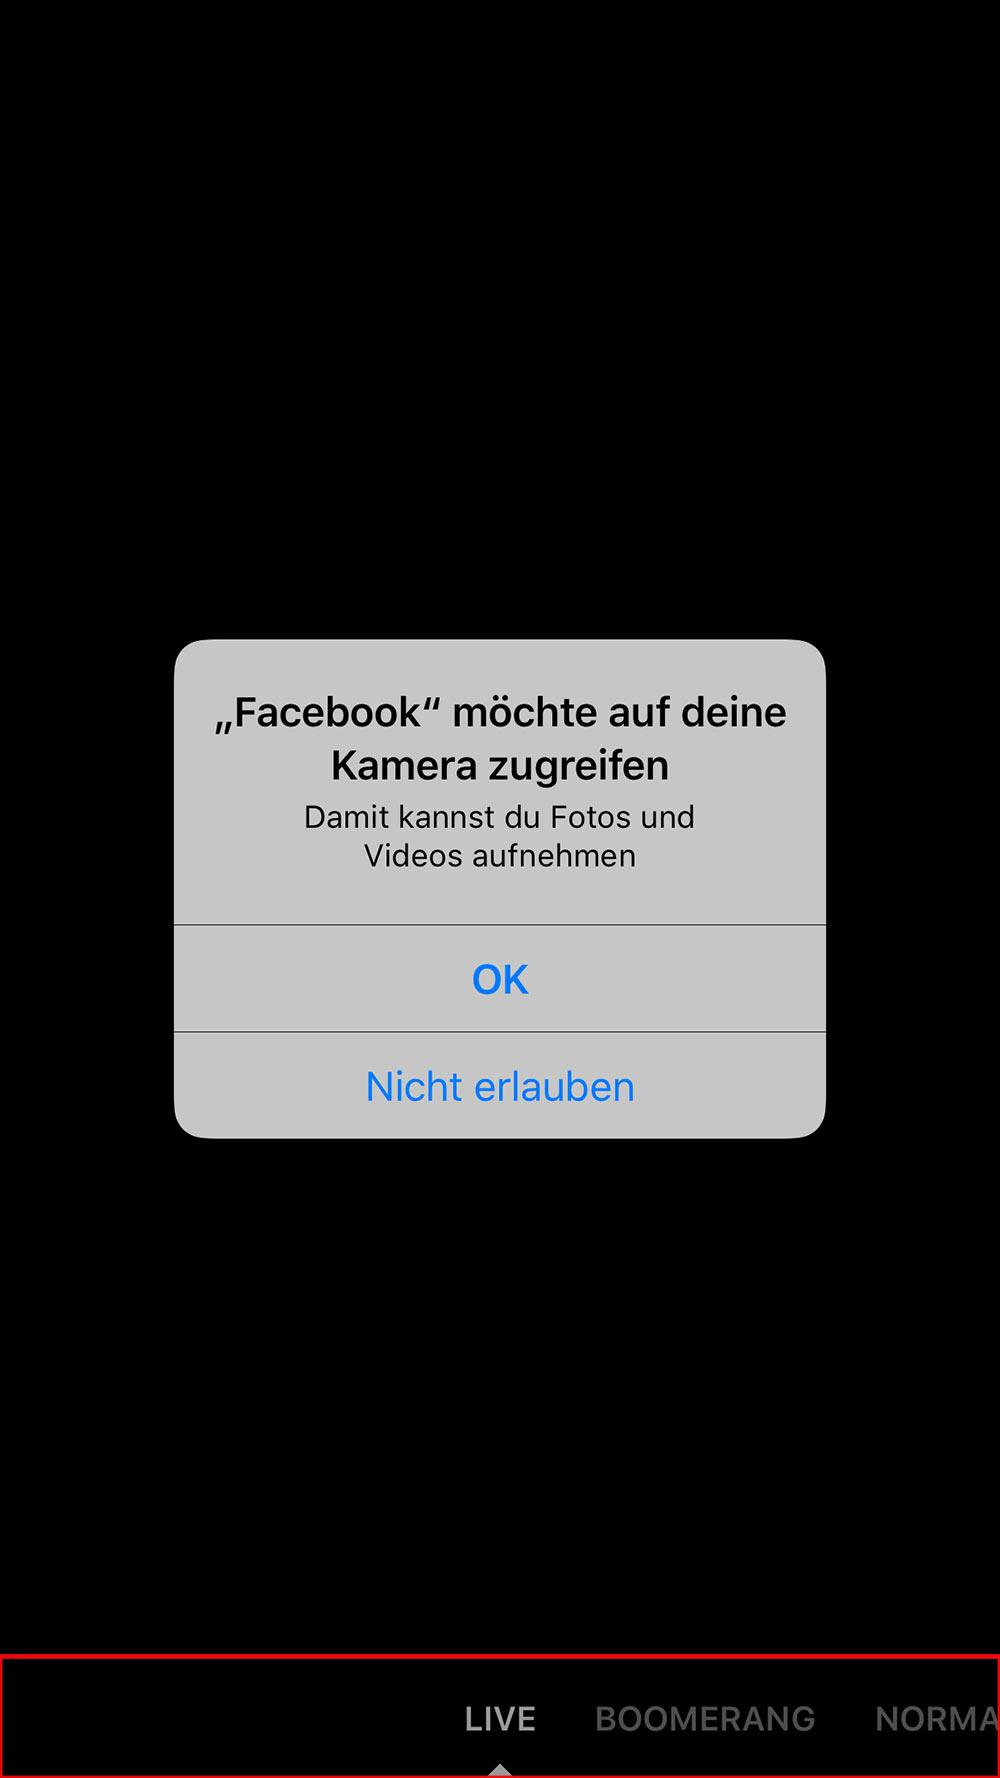 facebook live video 3 - Wie starte ich ein Live Video / Livestream bei Facebook